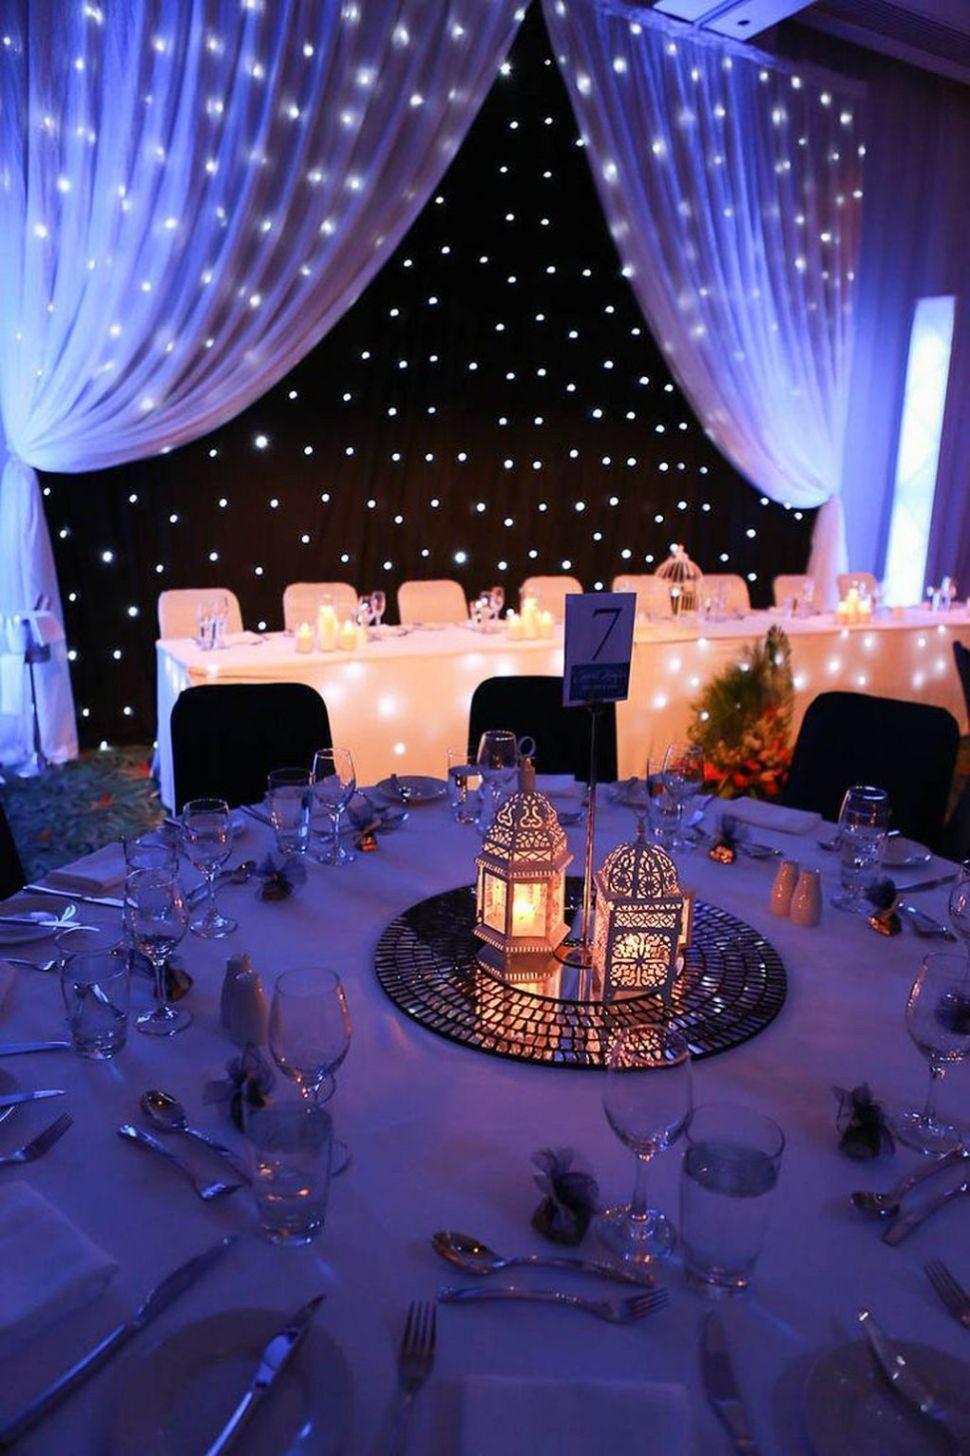 Night Wedding Reception Decor Ideas  Reception Wedding